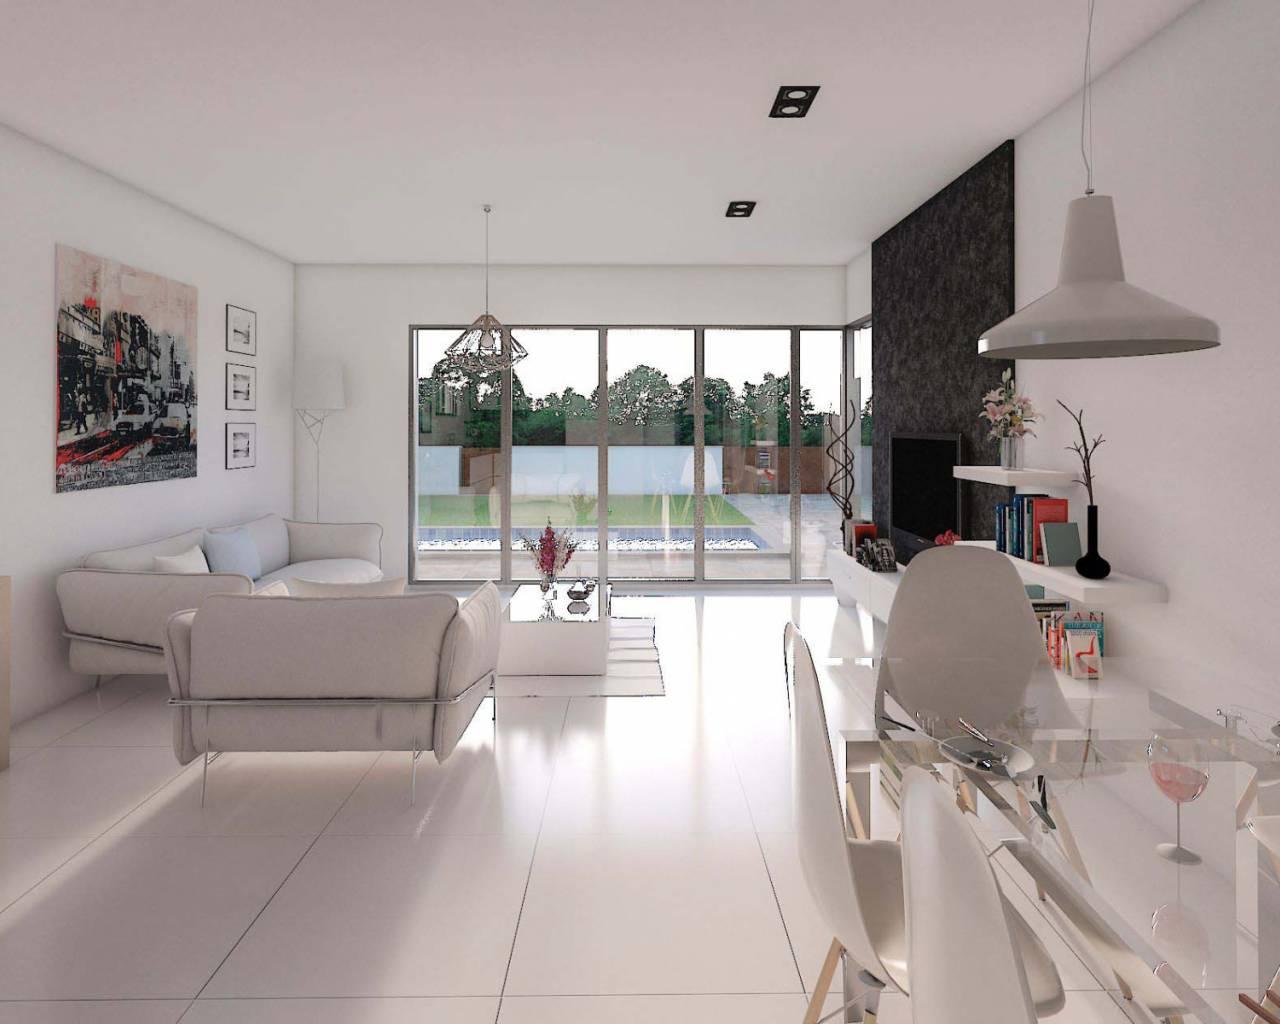 nieuwbouw-vrijstaande-villa-los-alcazares_5143_xl